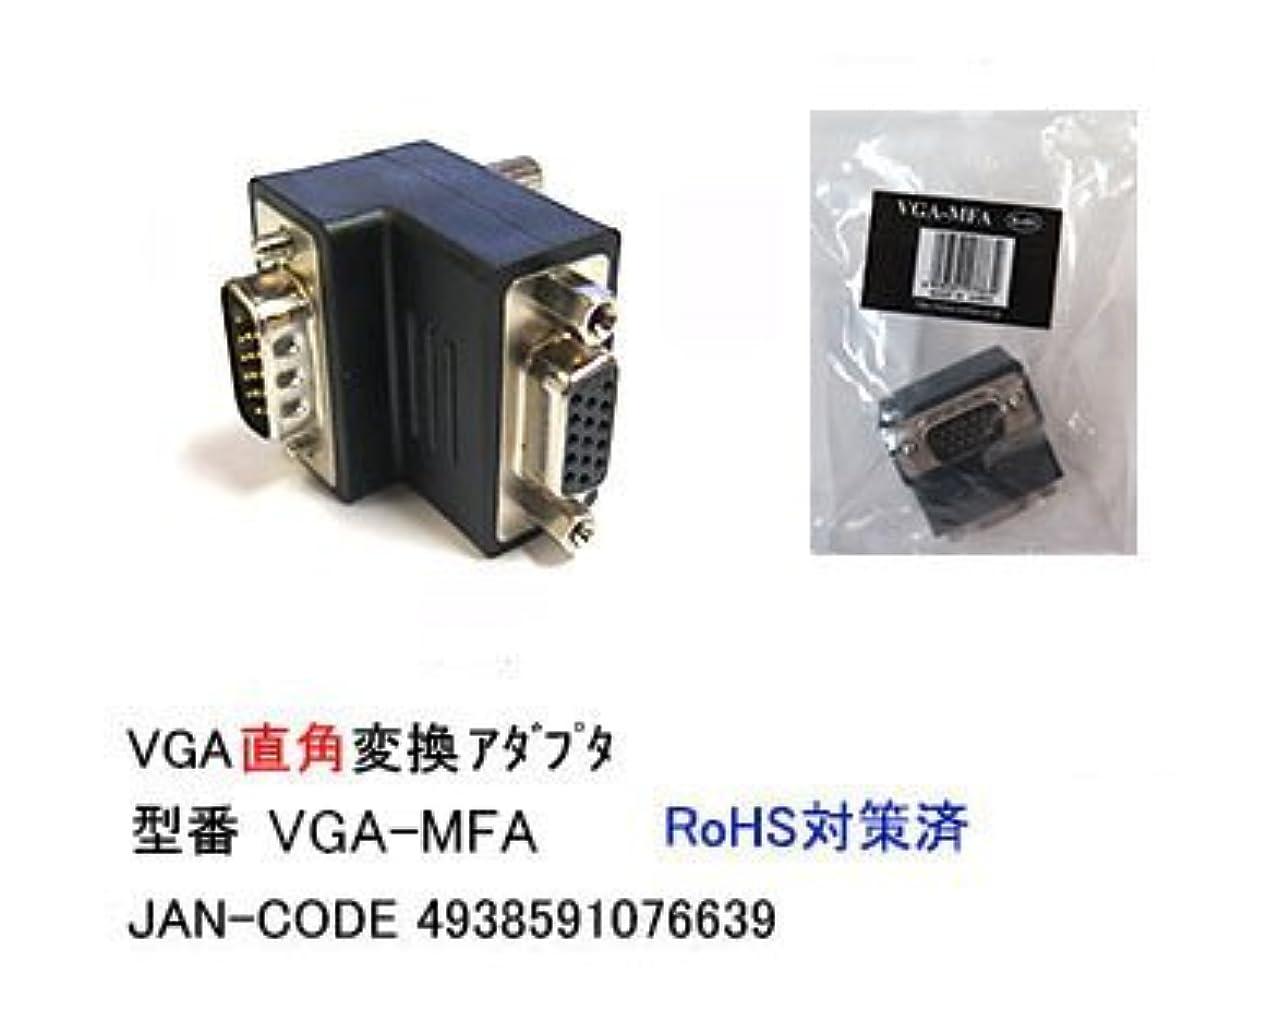 成果スライスまたねカモン 【(COMON)製】アナログRGBディスプレイ直角変換アダプタ(オス←→メス)【VGA-A】